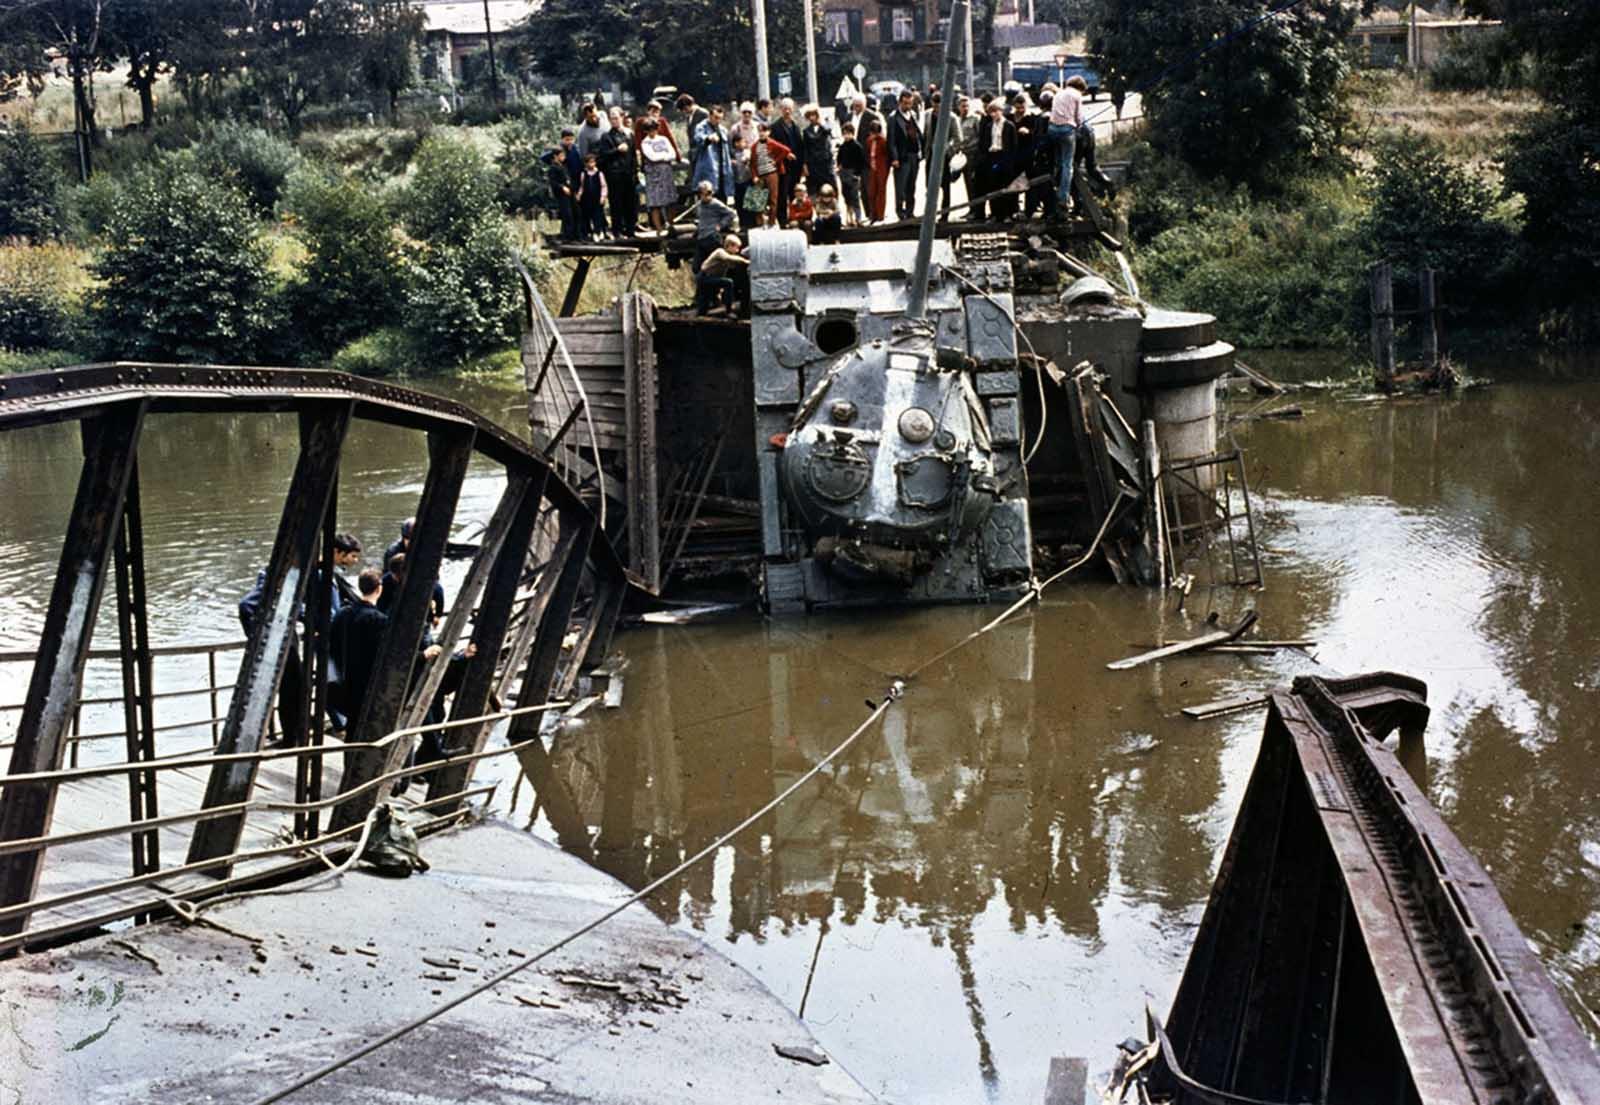 Un tanque soviético está fuera de servicio después de que el puente que estaba cruzando cediera el 21 de agosto de 1968. Un testigo dijo que el puente había sido dinamitado, pero el lapso puede haberse colapsado debido al gran peso de los tanques que lo cruzan.